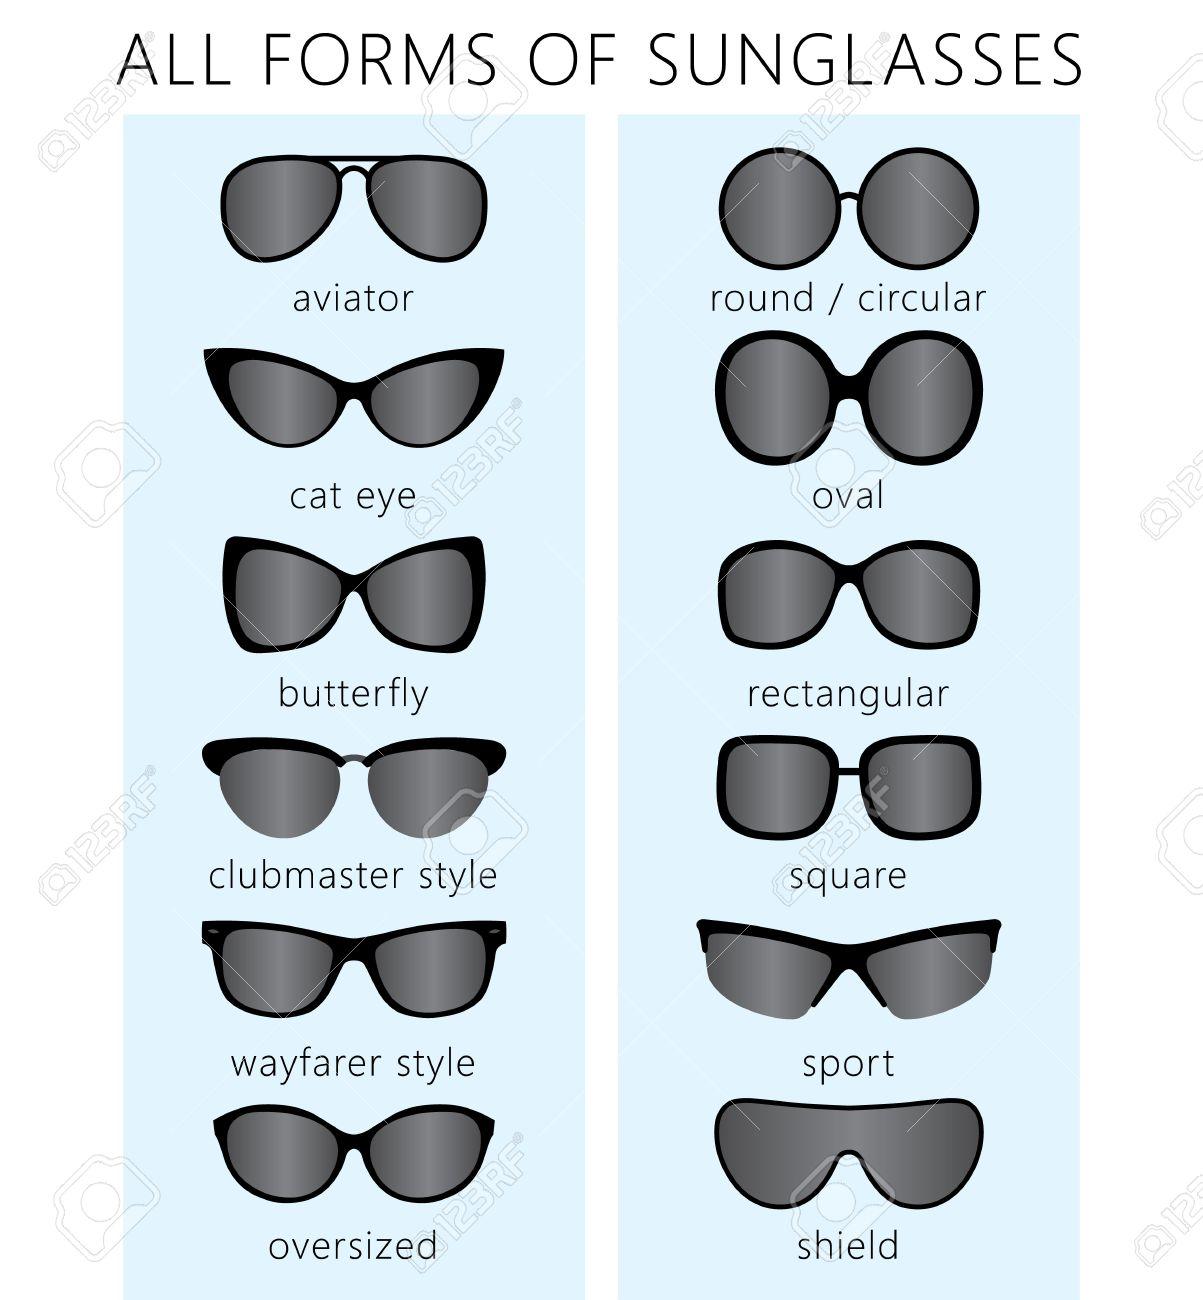 Banque d images - Toutes les formes   types de lunettes de soleil à la  mode. Aviator, oeil de chat, papillon, clubmaster, wayfarer, sport, rond,  bouclier, ... 5932e465c215